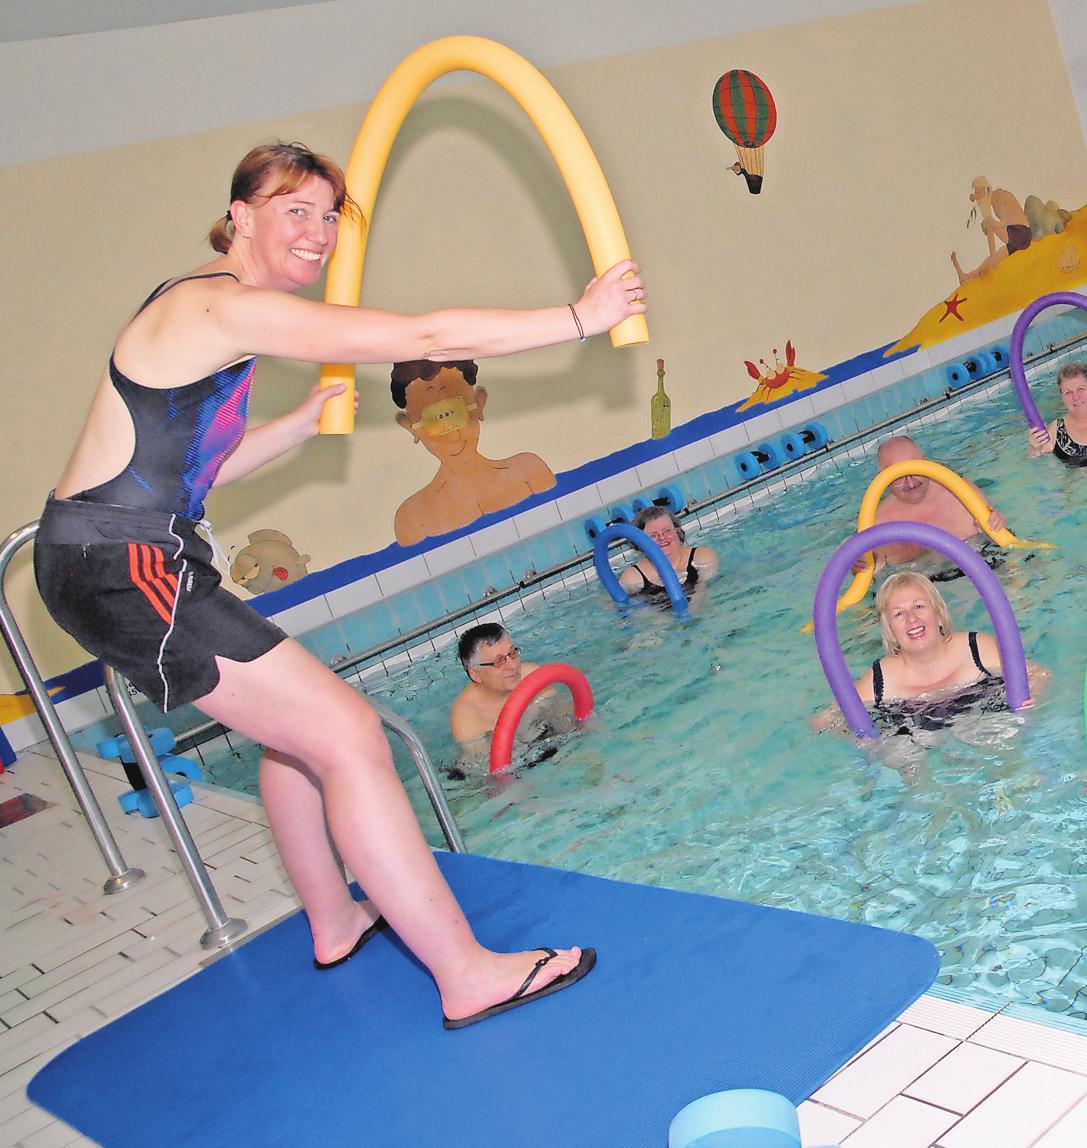 Für mehr Rückengesundheit: Die Wassergymnastik beim Kneipp-Verein ist sehr gefragt. YVONNE DROSTE